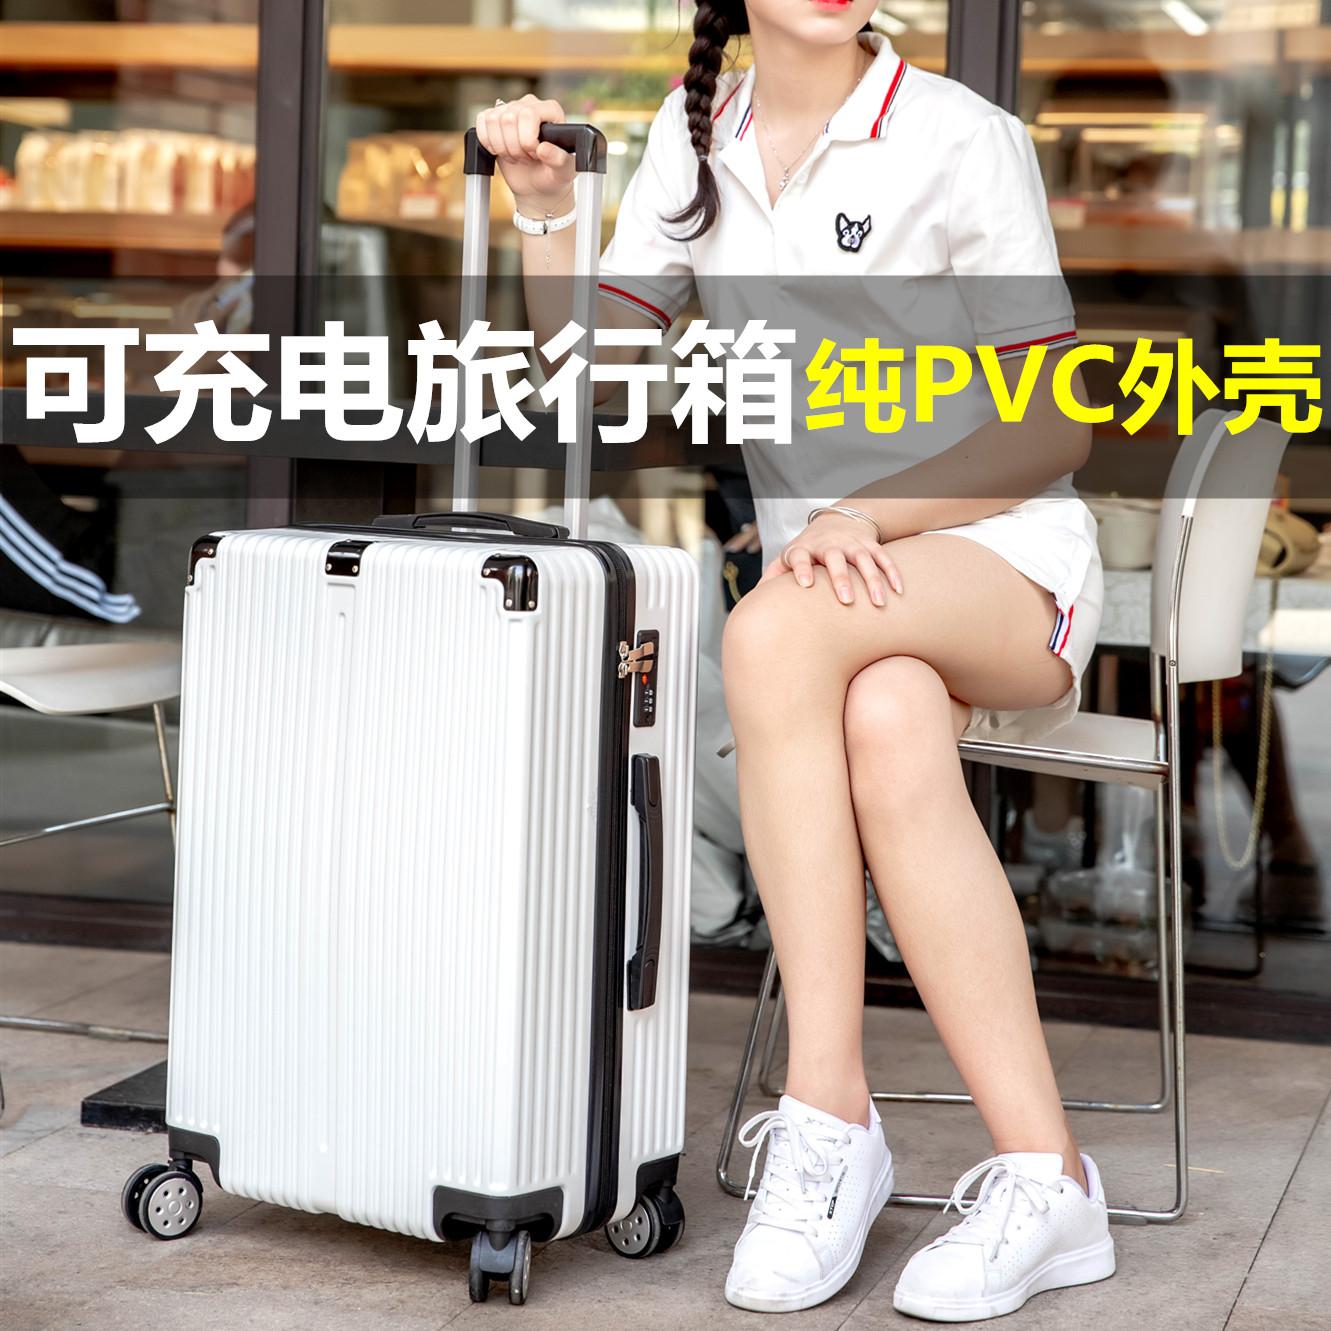 可充电行李箱ins网红密码旅行箱女万向轮拉杆箱男皮箱韩版箱子潮买三送一